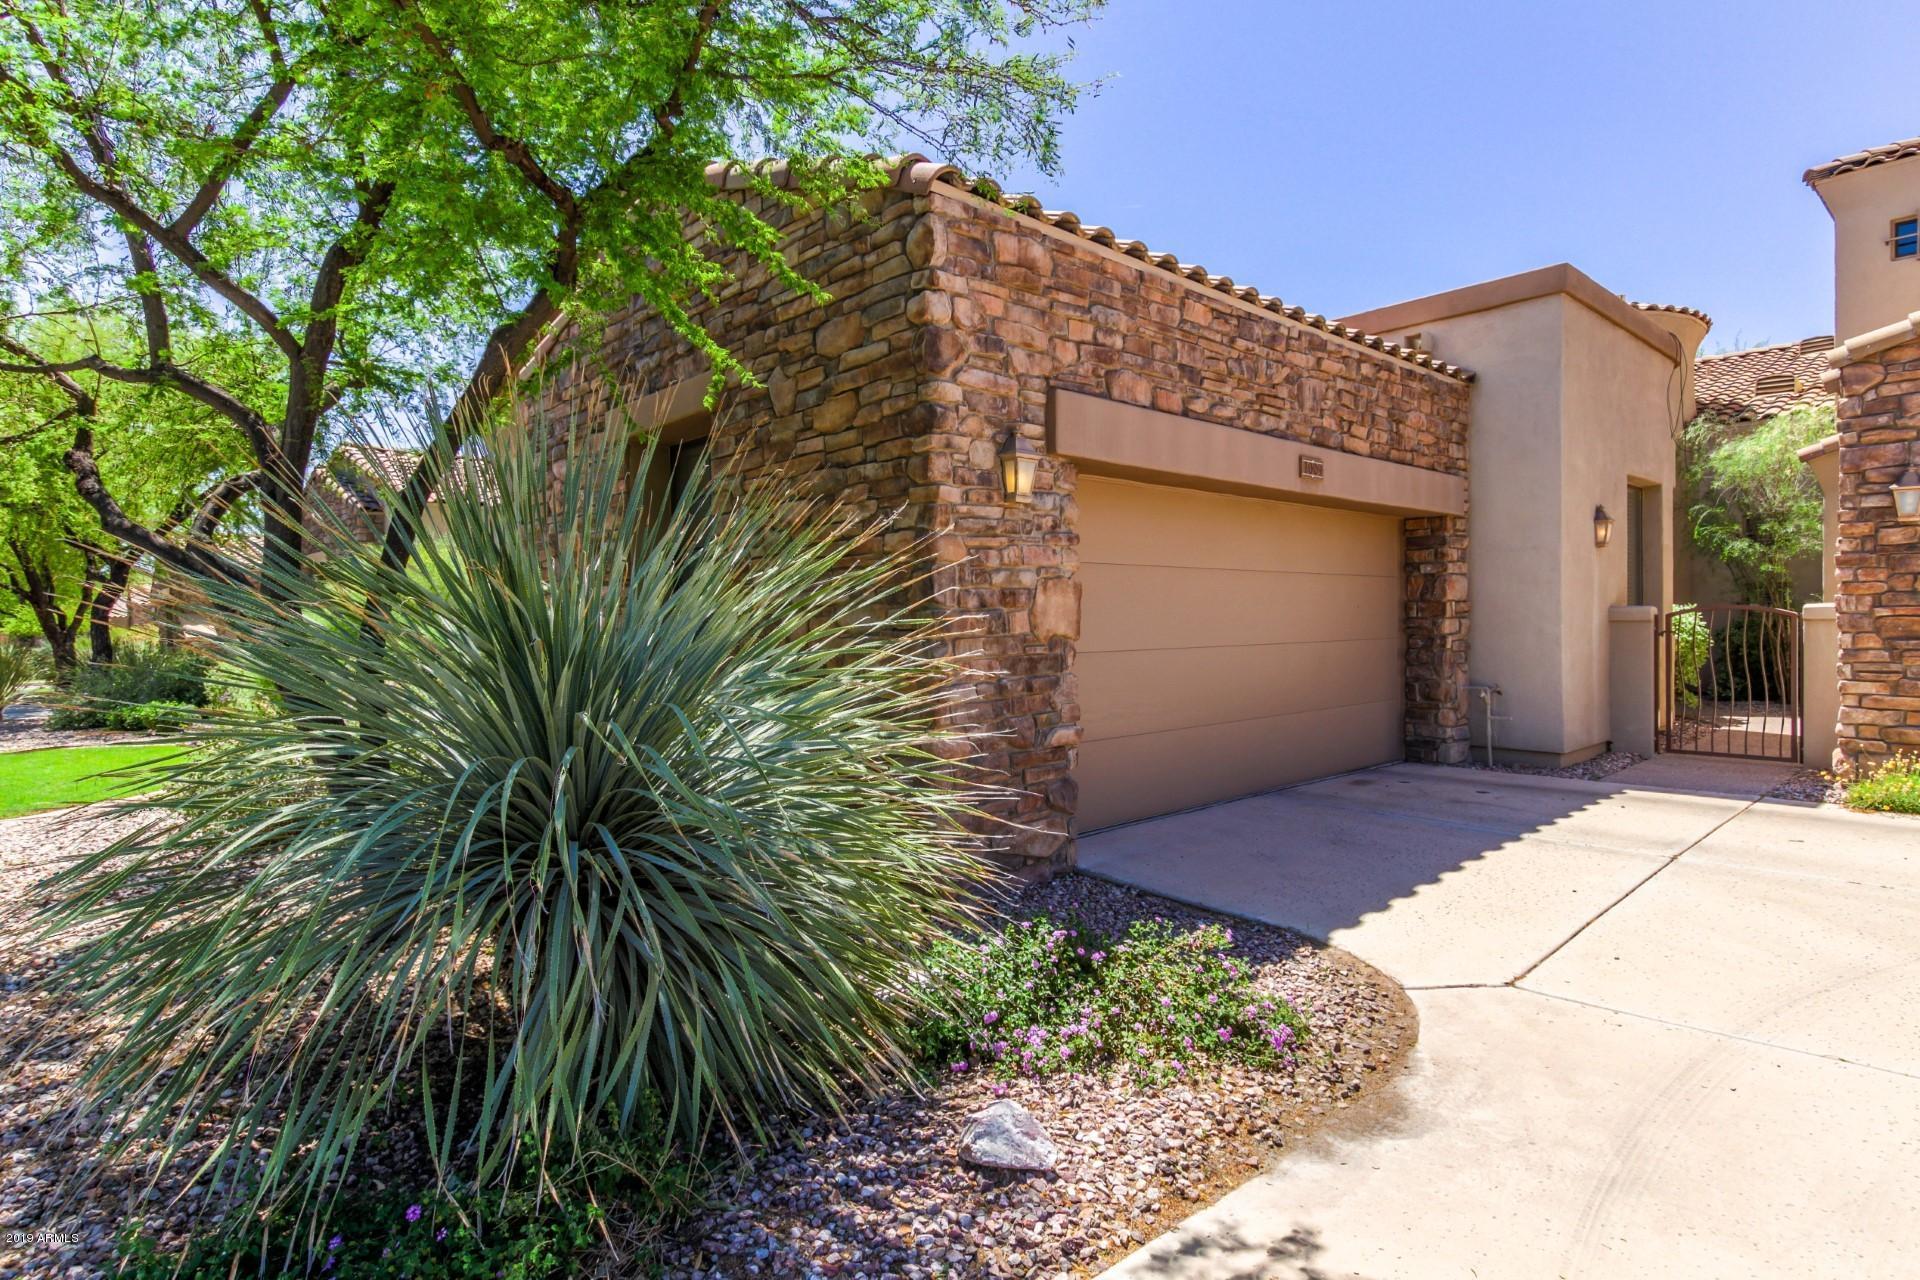 Photo of 7445 E EAGLE CREST Drive #1009, Mesa, AZ 85207